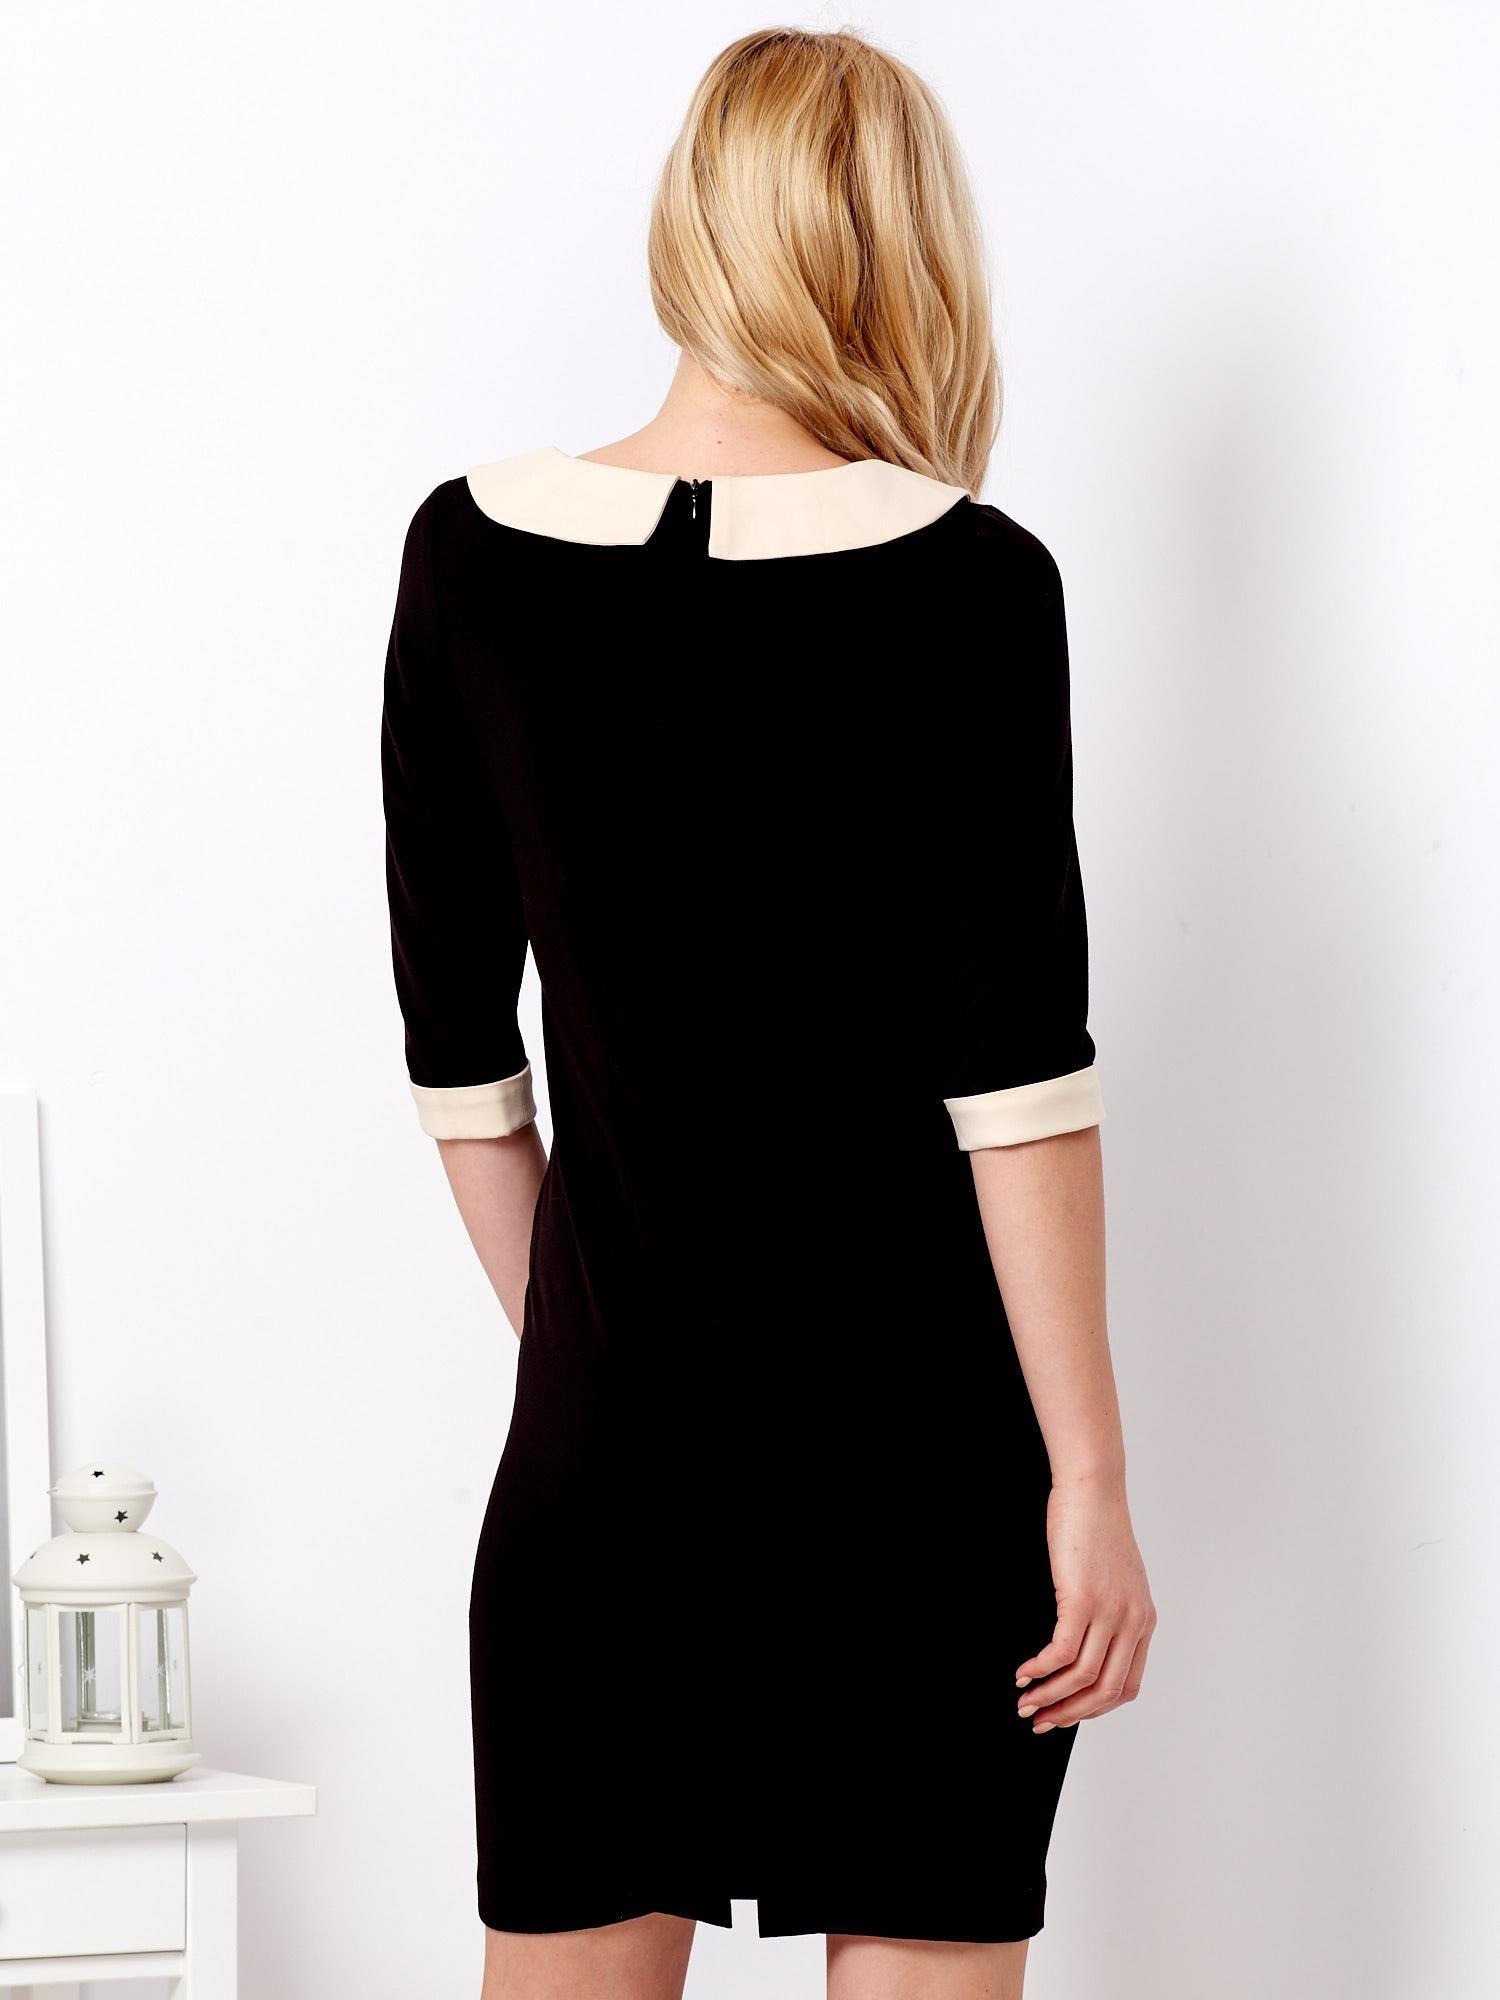 534b8c8f27 Czarna sukienka z jasnobeżowym kołnierzykiem - Sukienka dzianinowa ...